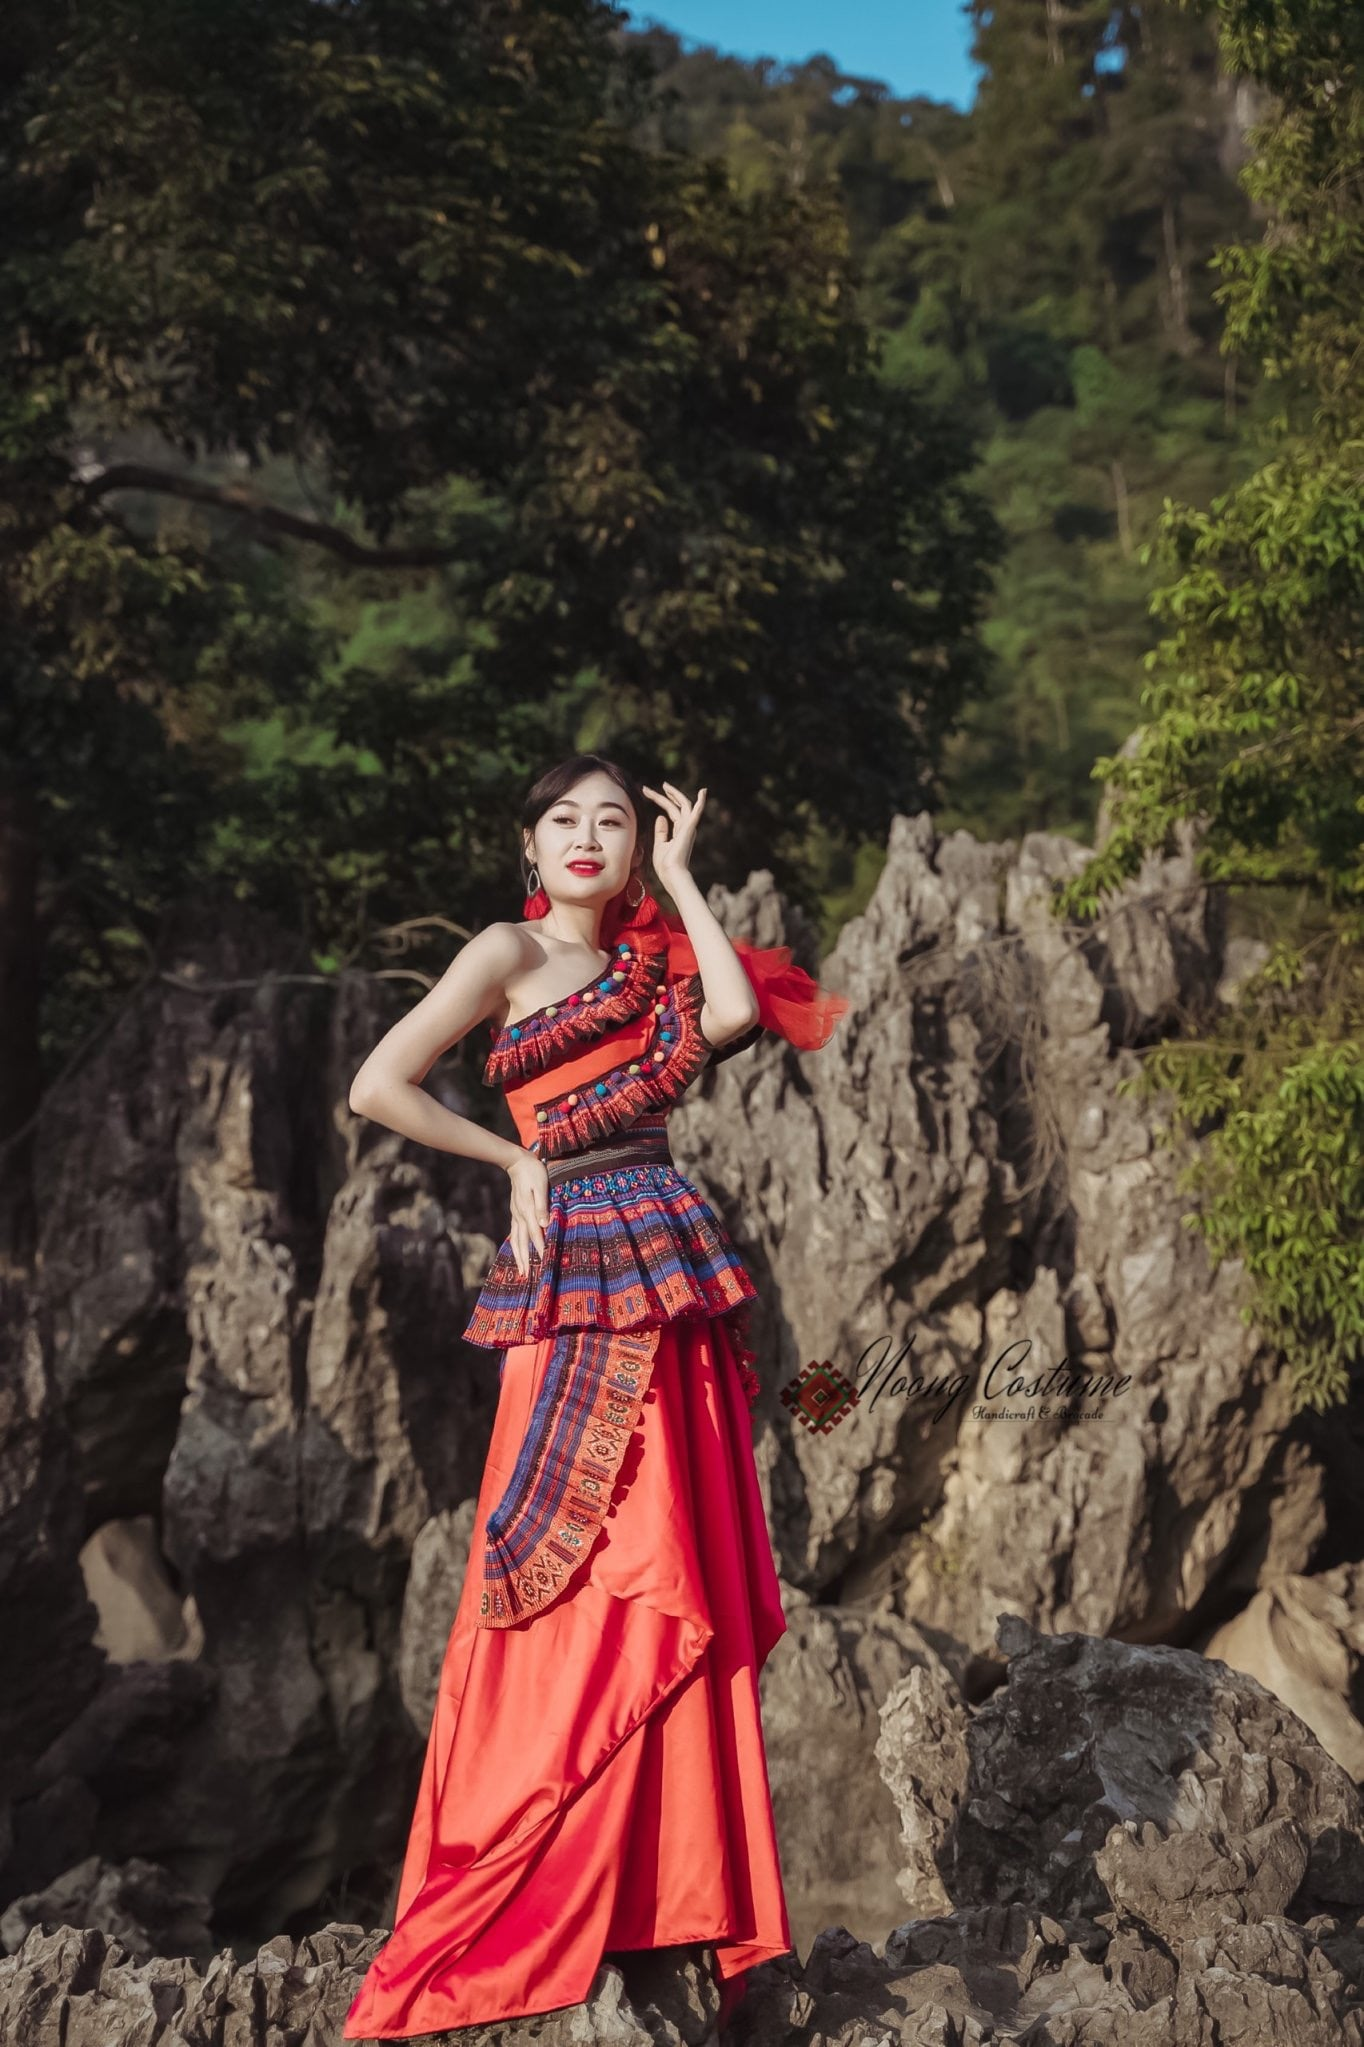 Những bộ trang phục kết hợp hài hòa giữa yếu tố truyền thống và hiện đại